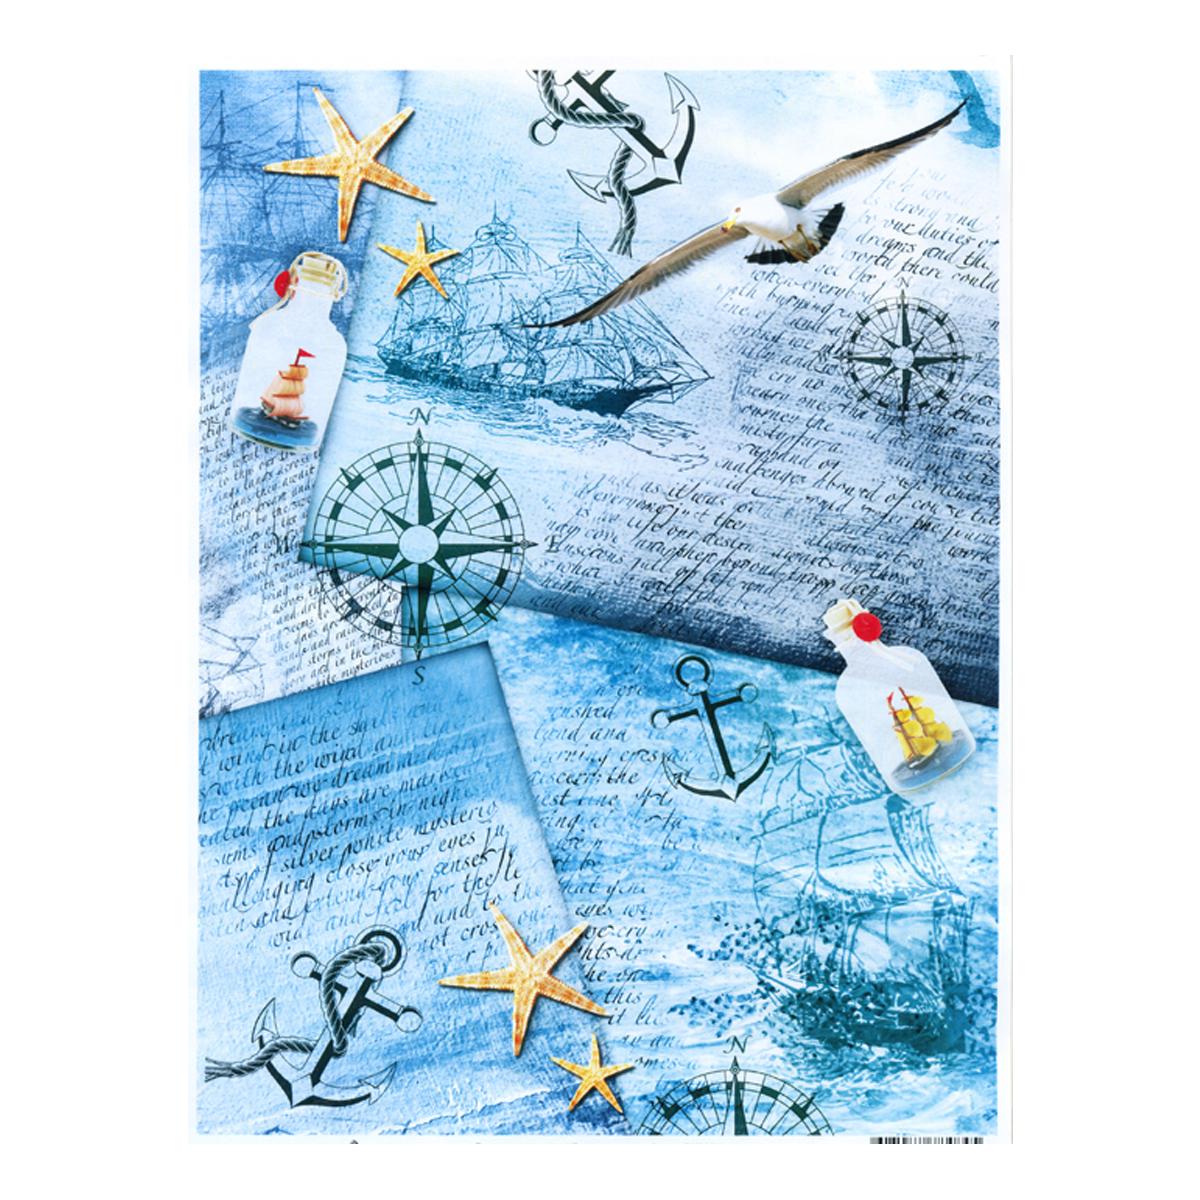 Декупажная карта Freedecor Дневник моряка, А4, 70 гр./м.кв. Dk 3034685686_3034дневникморякаДекупажная карта - оригинальная специальная бумага с нанесенным рисунком для использования в технике декупажа. Интересные мотивы, изображенные на бумаге, сделают процесс рукоделия занятным.